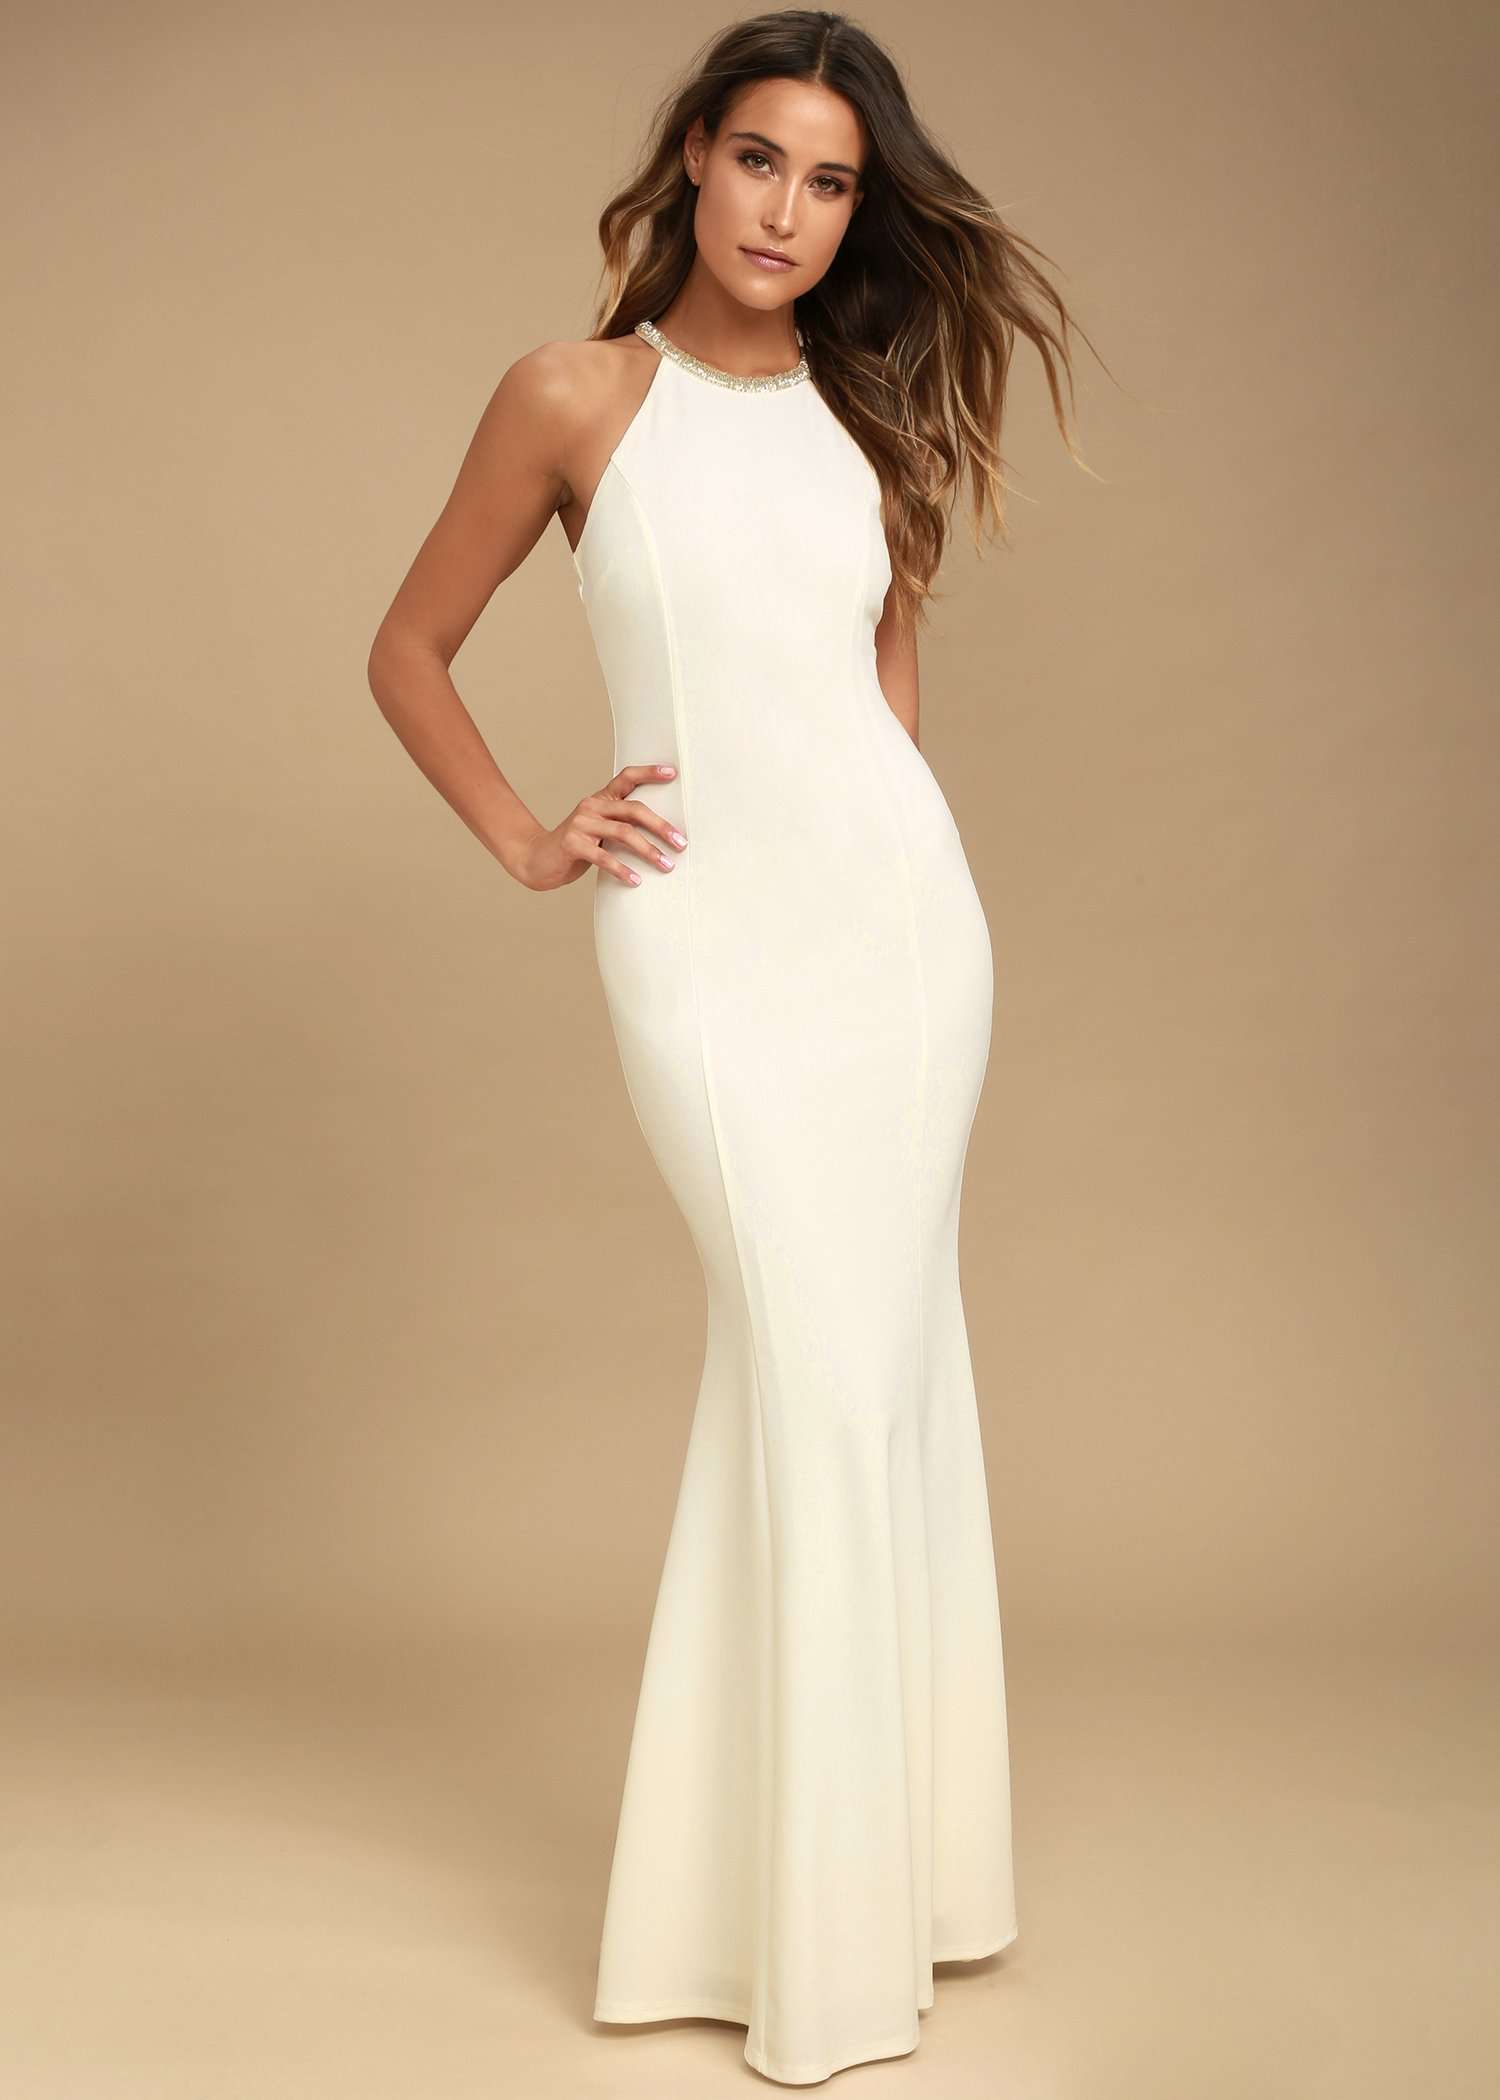 macys com prom dresses photo - 1